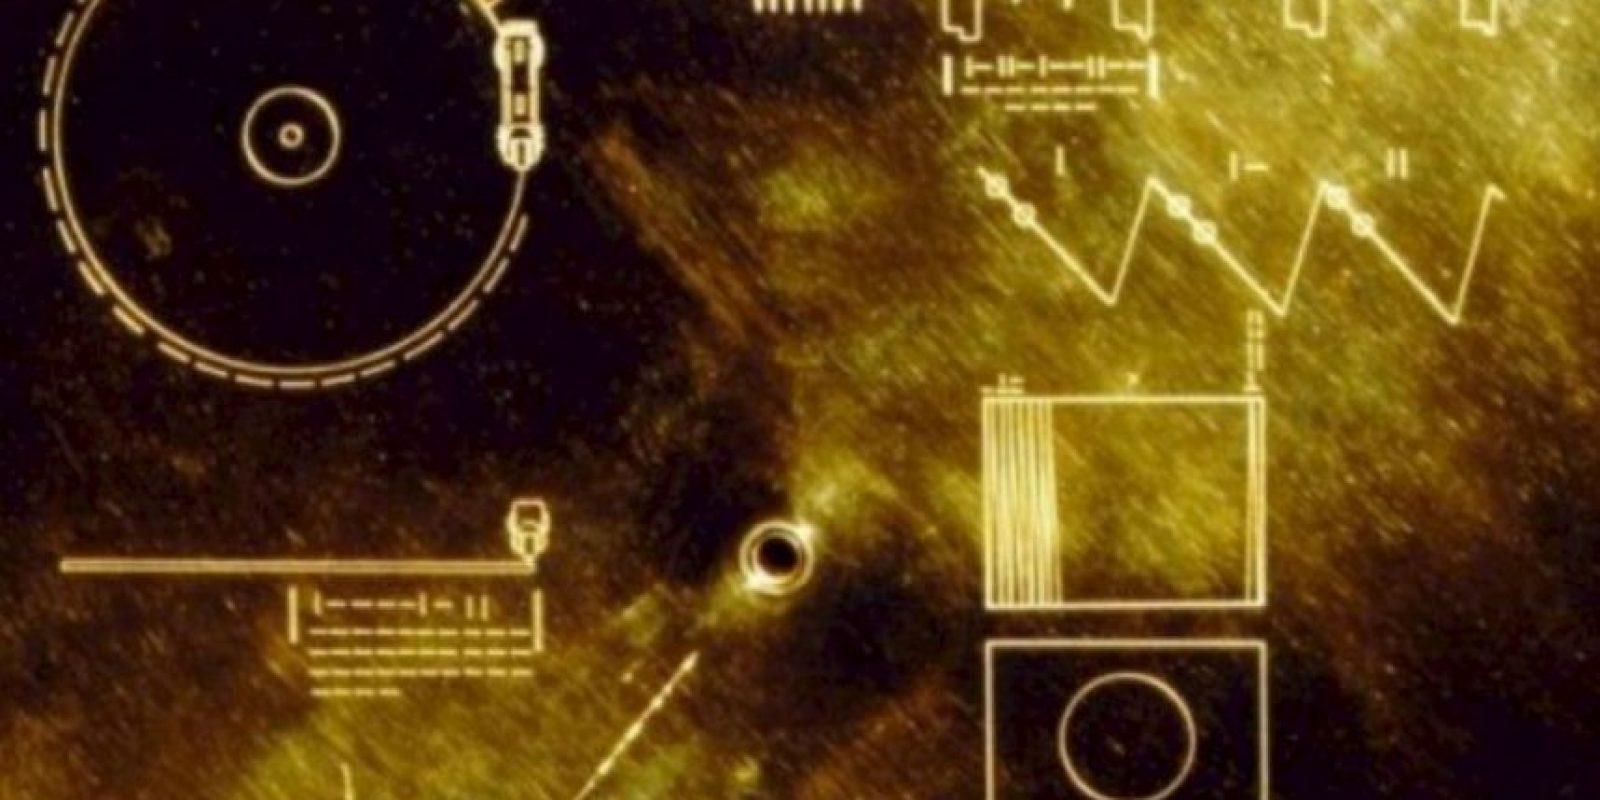 Las misiones Voyager de 1977 y 1979 tenían uno de estos. Foto:Wikipedia.org